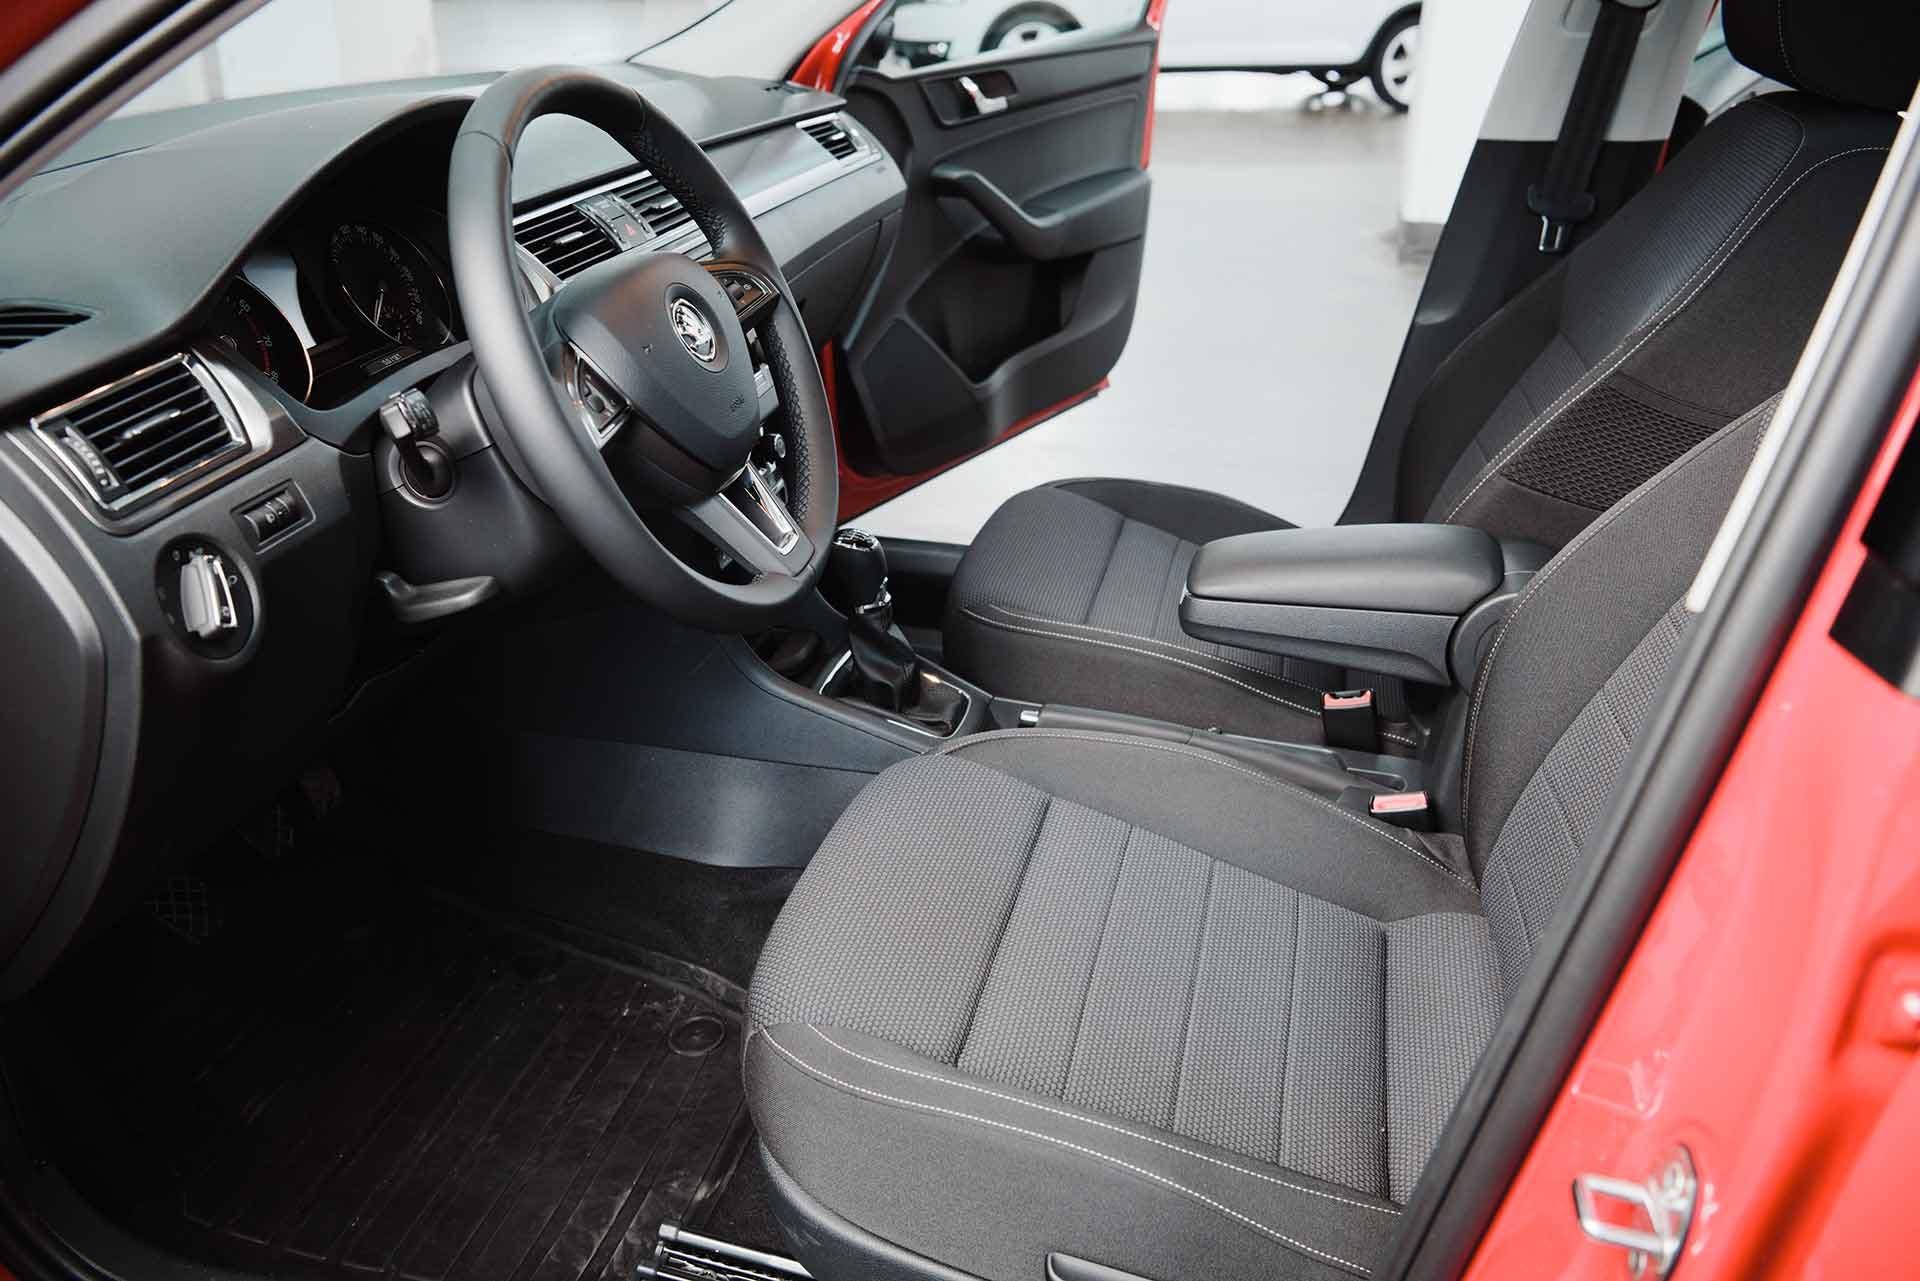 Pitkittäin, poikittain tai ristiin: istuinverhoilun kuviolla on yllättävän suuri merkitys auton sisätilojen ilmeeseen.